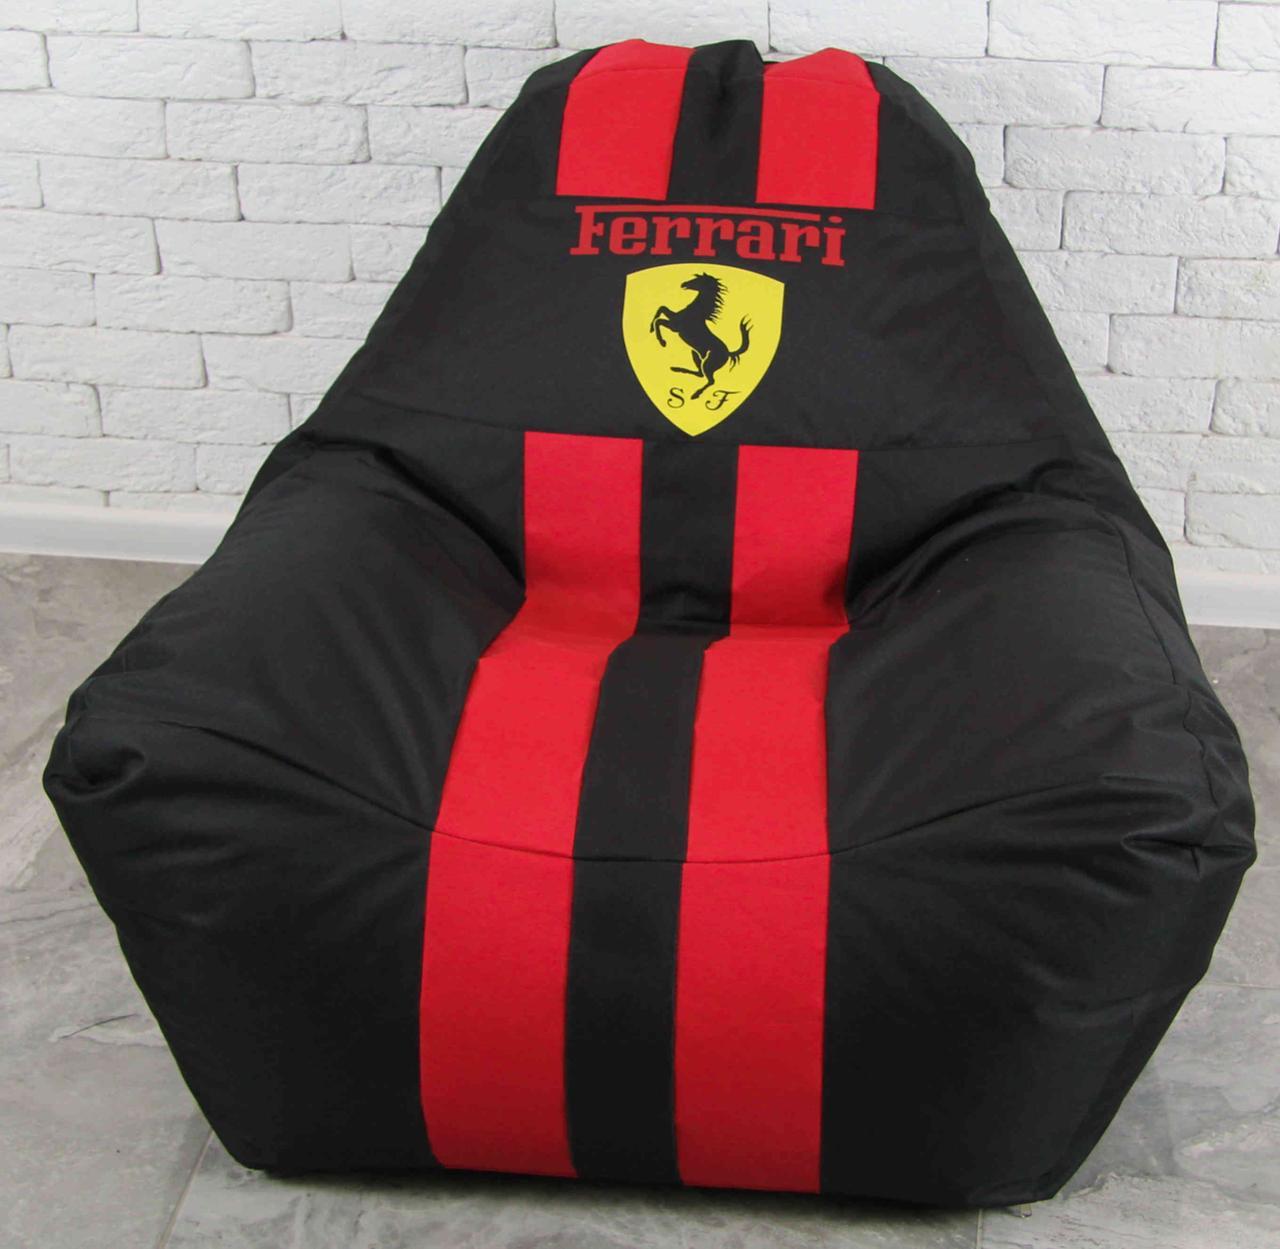 Бескаркасное кресло мешок диван Ferrari, Феррари с логотипом